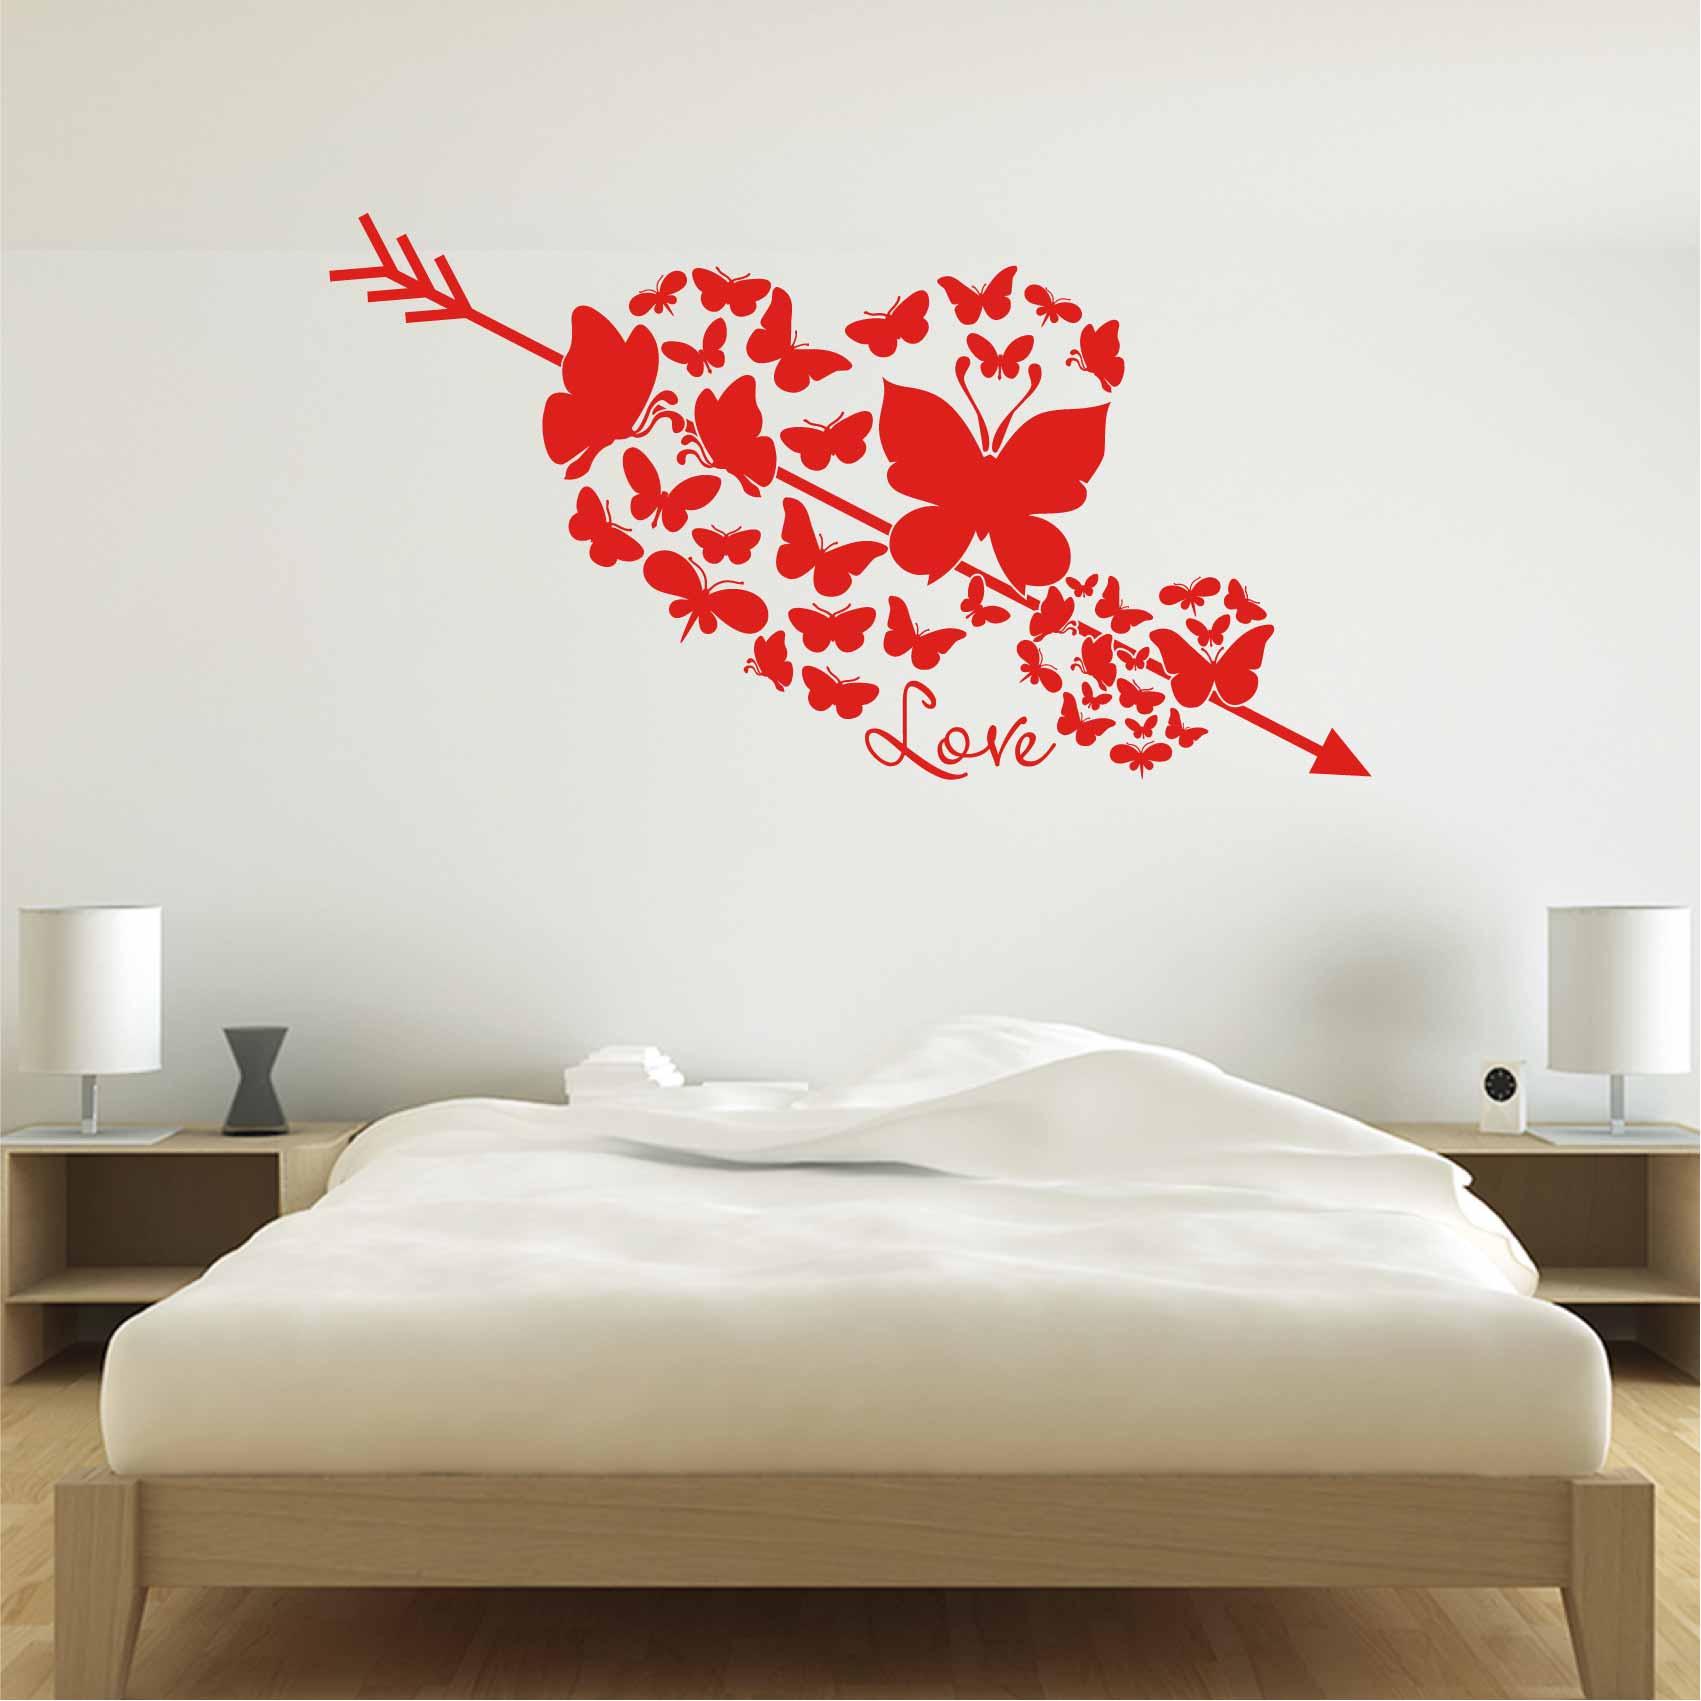 Stickers Chambre Coeur Papillon - Autocollant muraux et deco